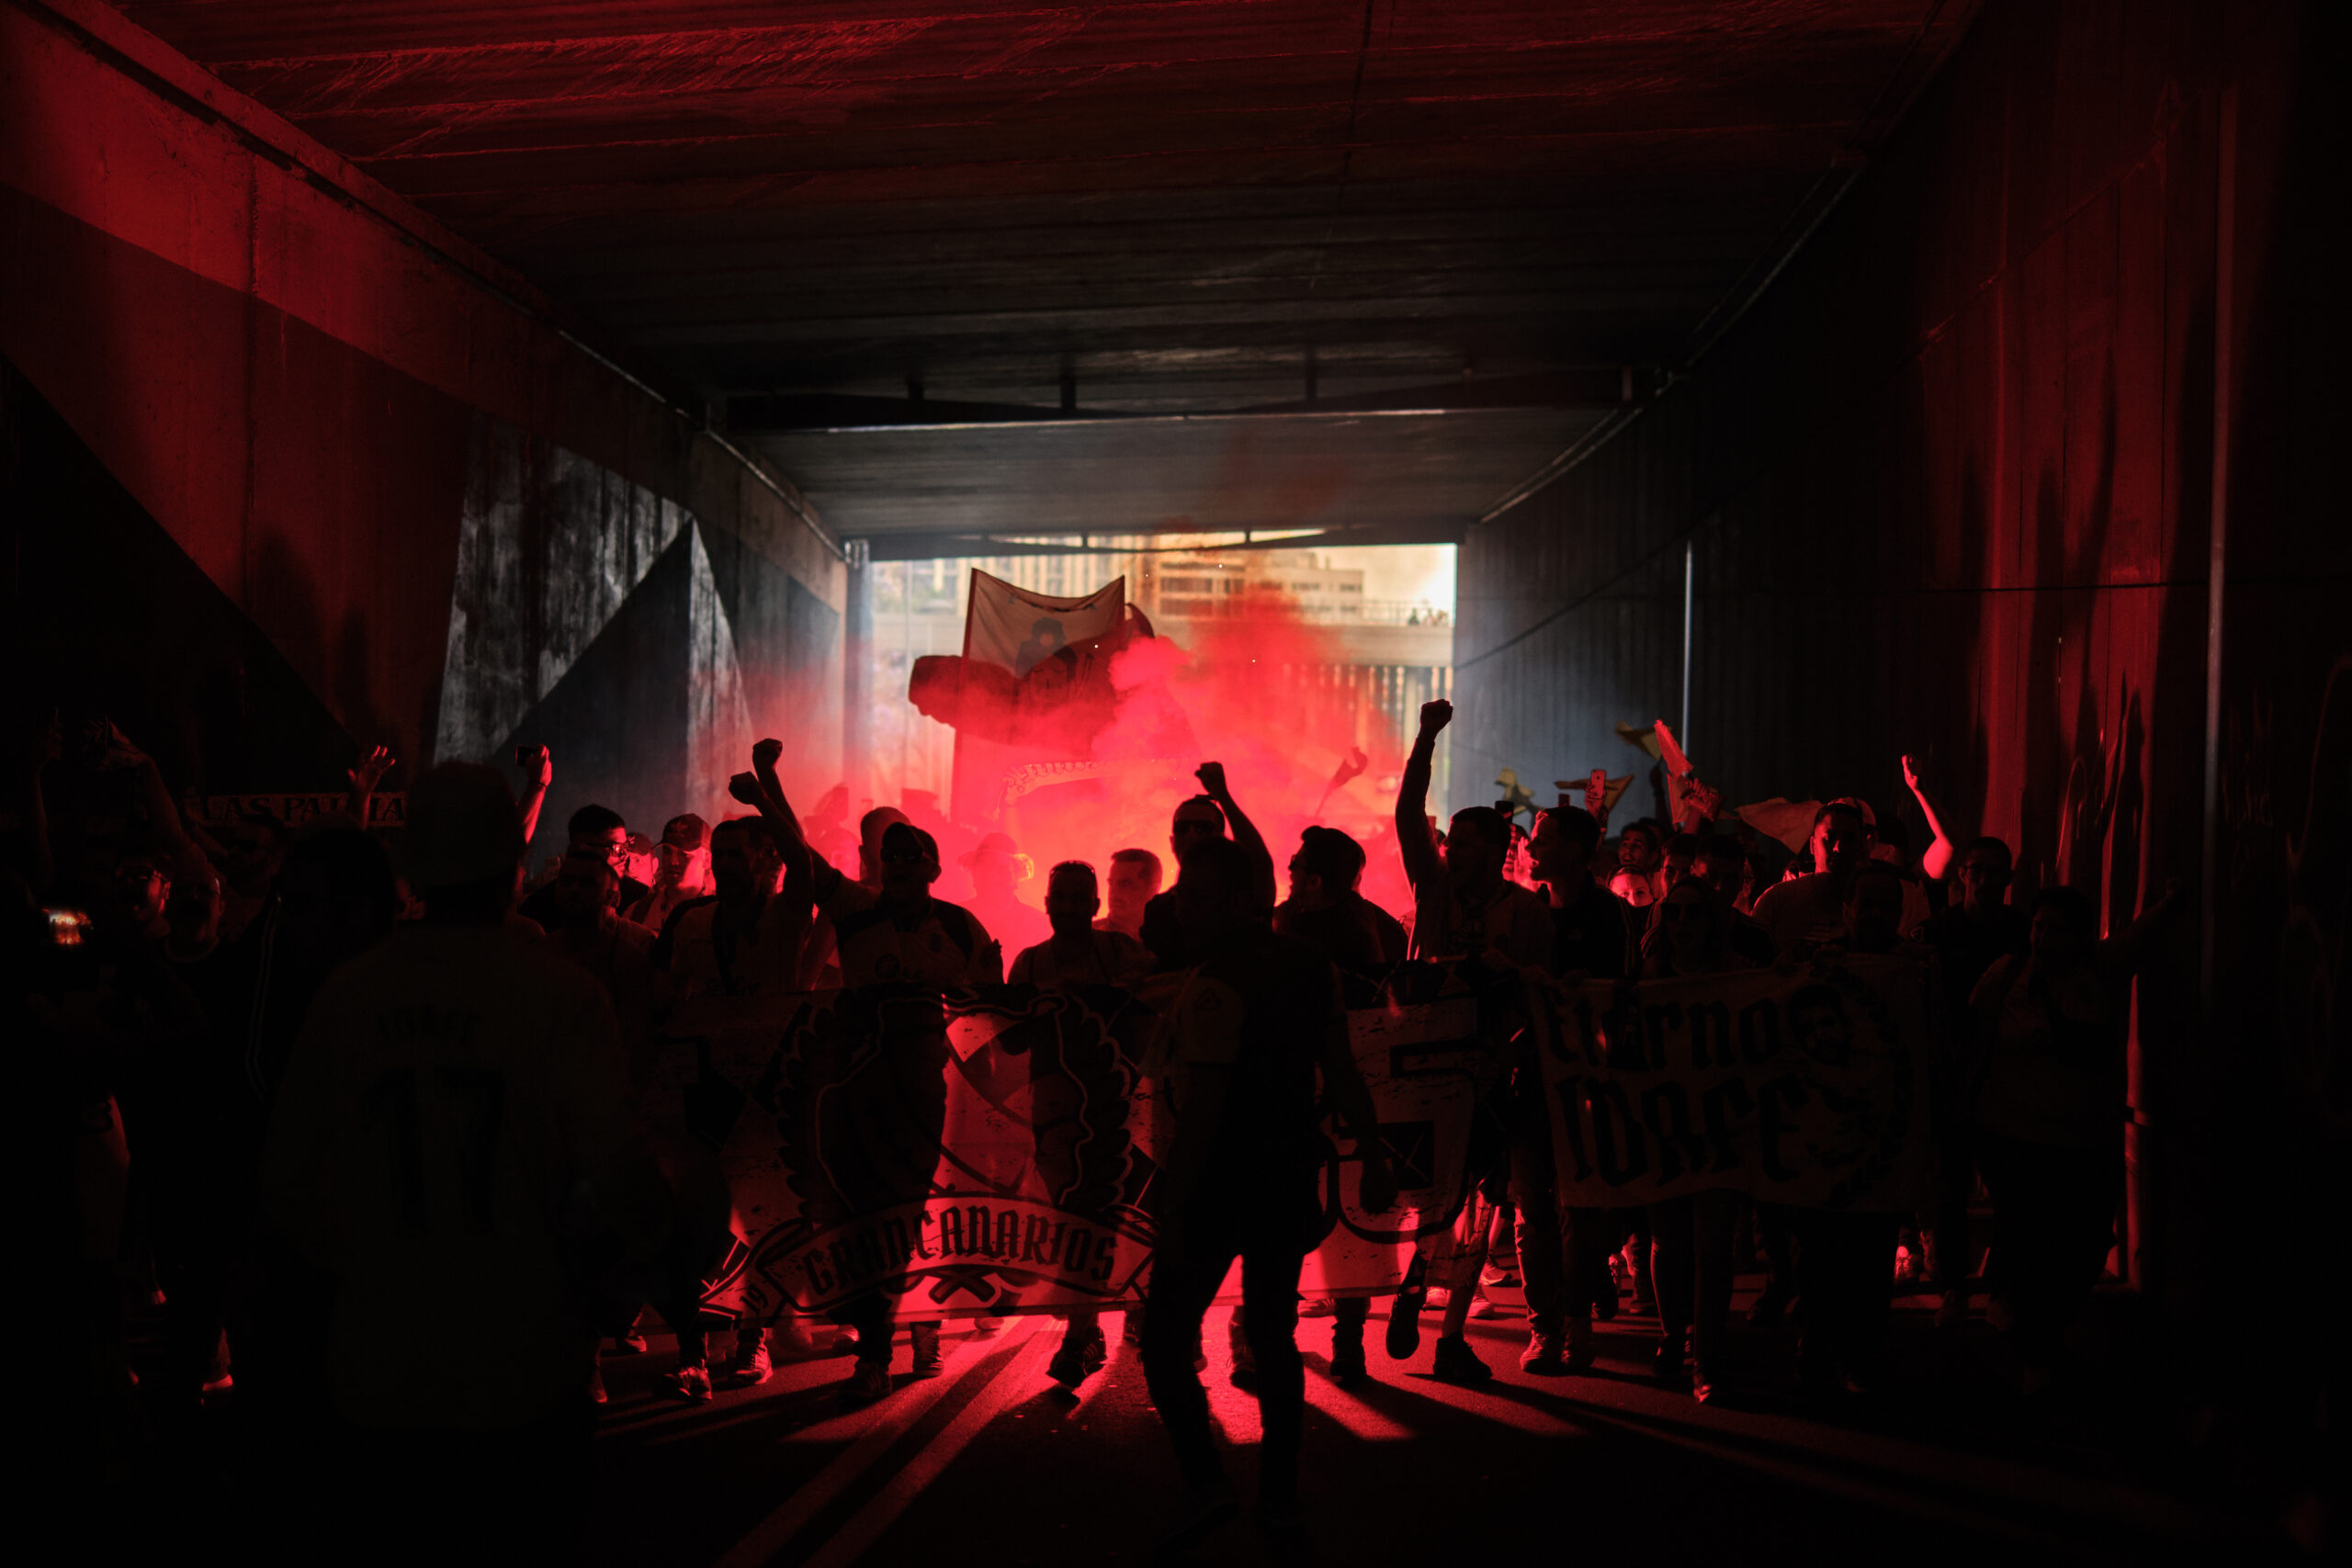 Primer Premio. Categoría: Deportes (Serie). Aficionados y ultras de la UD Las Palmas, encienden bengalas y cantan durante el recorrido desde el muelle de la ciudad hasta el estadio. El grupo debe ser escoltado por efectivos de la Policía para evitar enfrentamiento entra las dos hinchadas. Julio 9, 2019. Santa Cruz de Tenerife. Andrés Gutiérrez